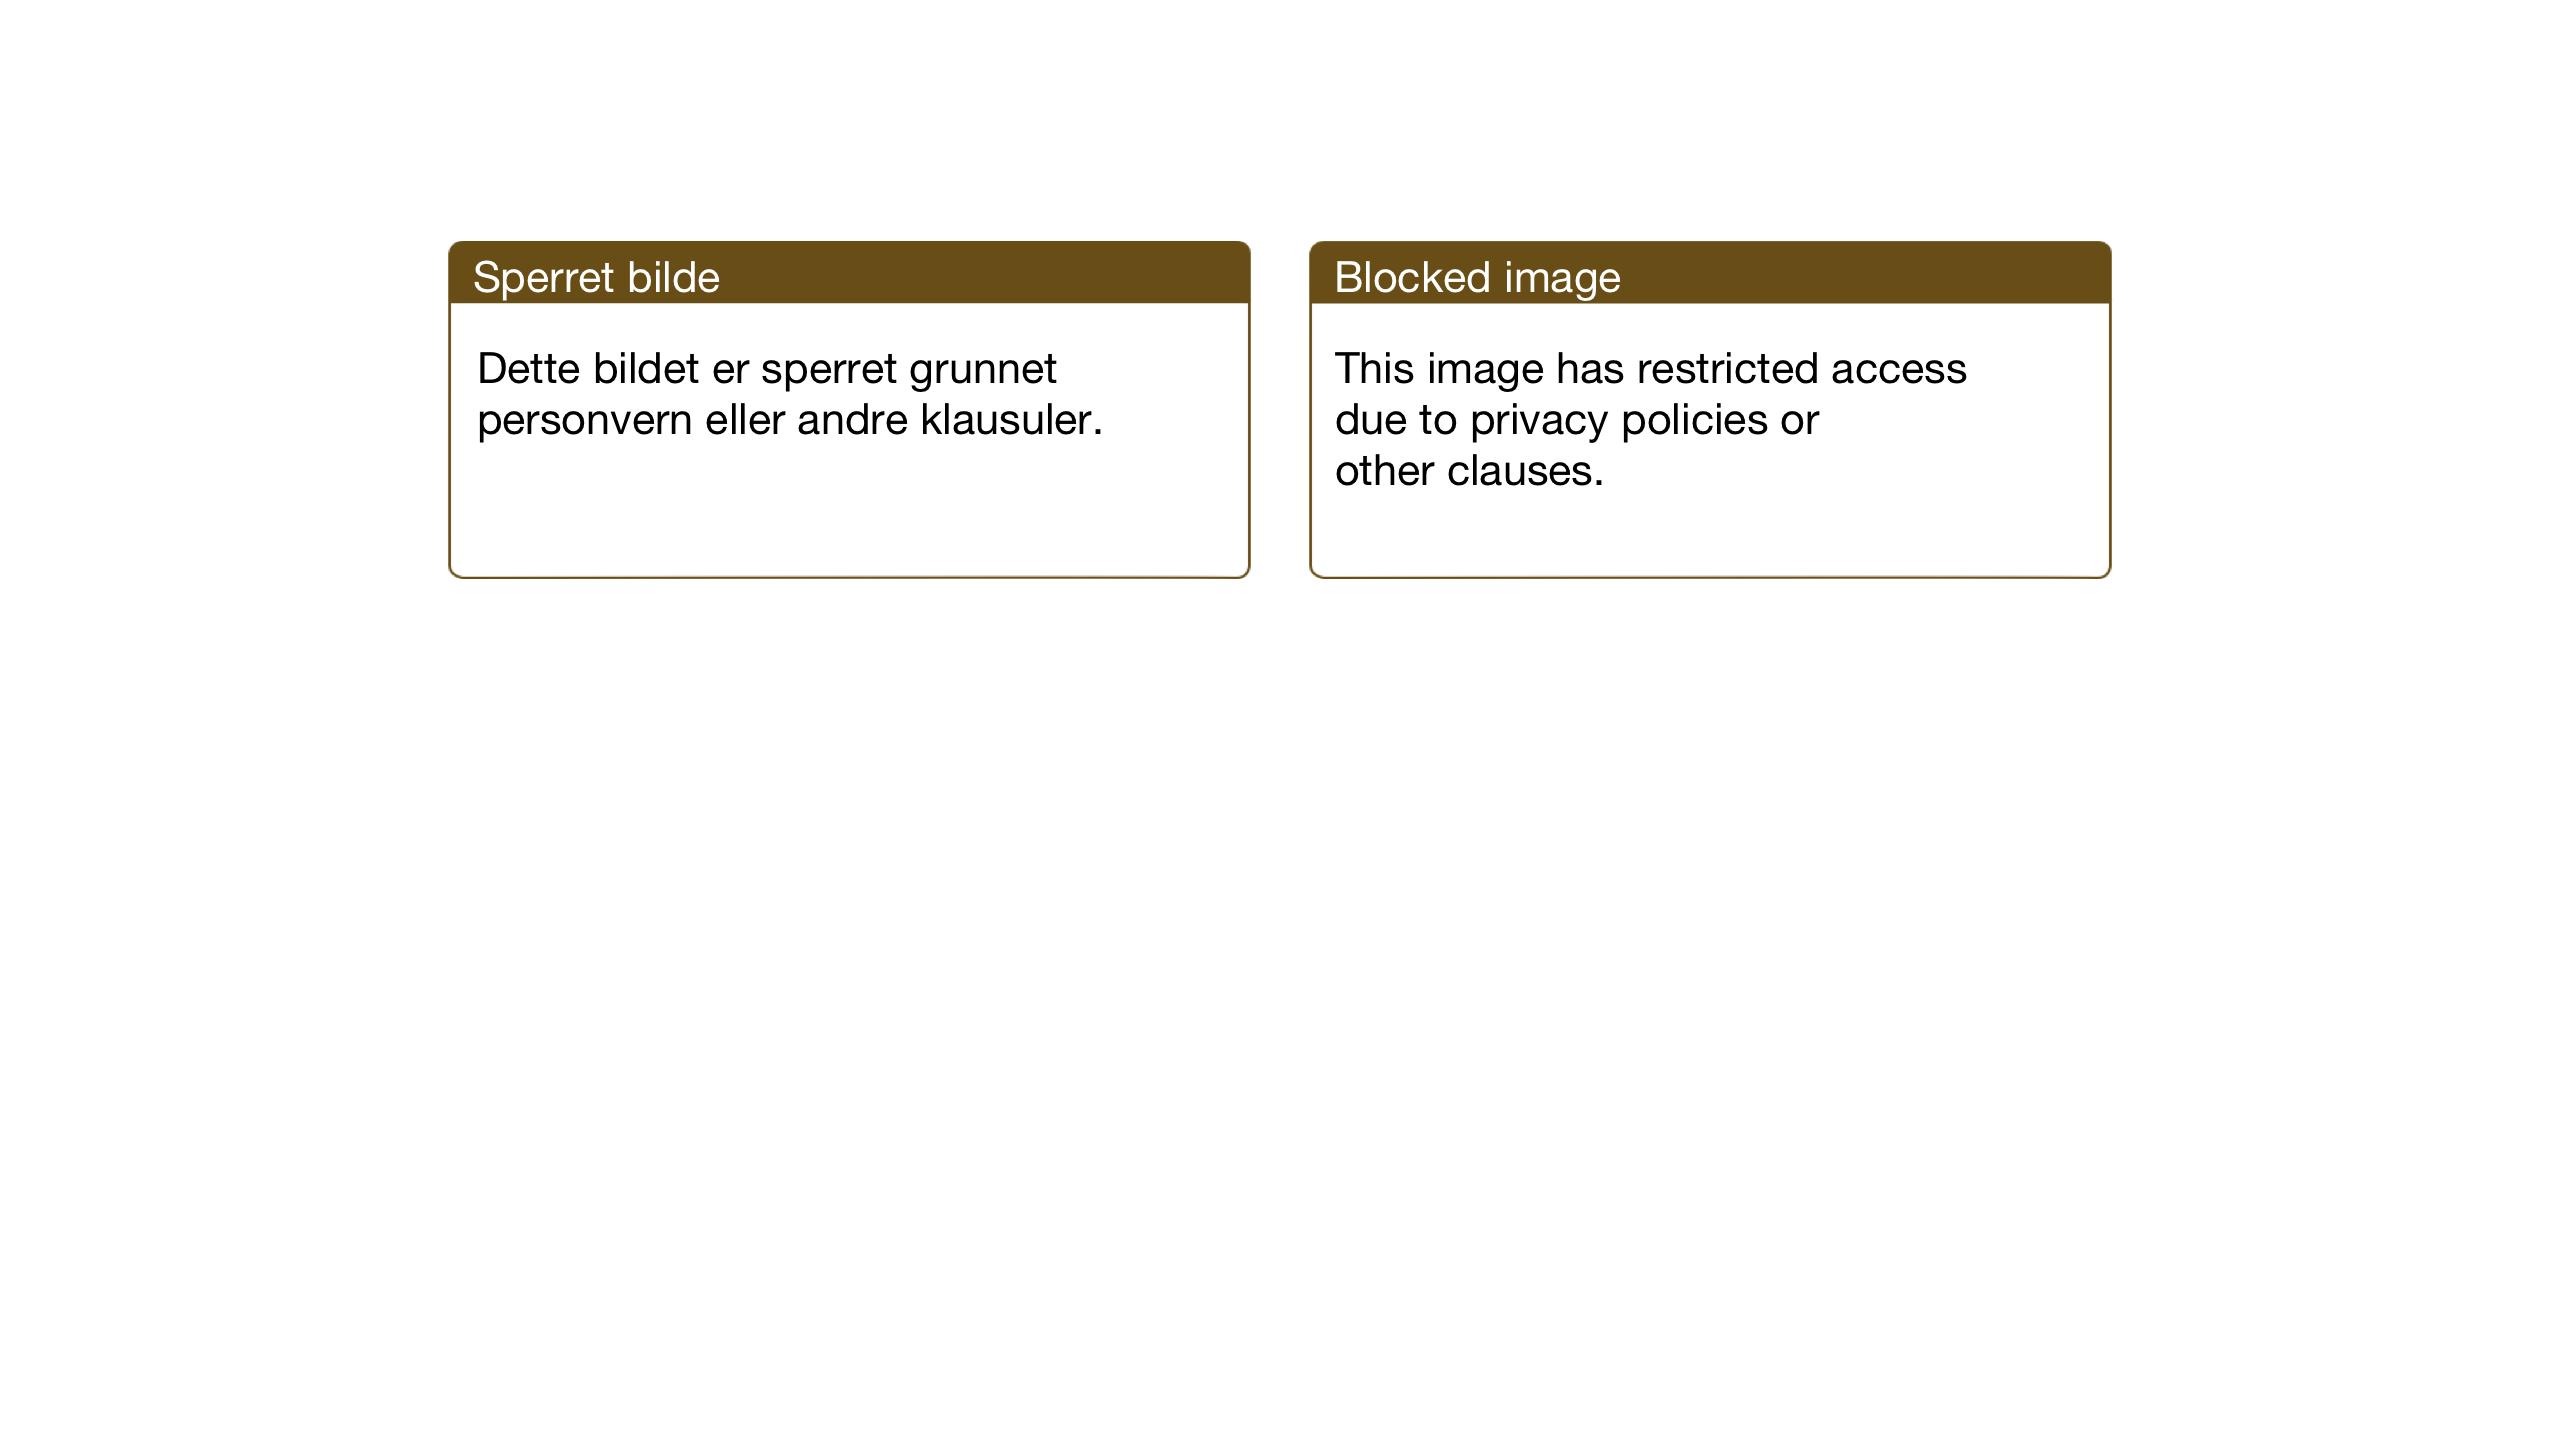 SAT, Ministerialprotokoller, klokkerbøker og fødselsregistre - Sør-Trøndelag, 698/L1169: Klokkerbok nr. 698C06, 1930-1949, s. 30